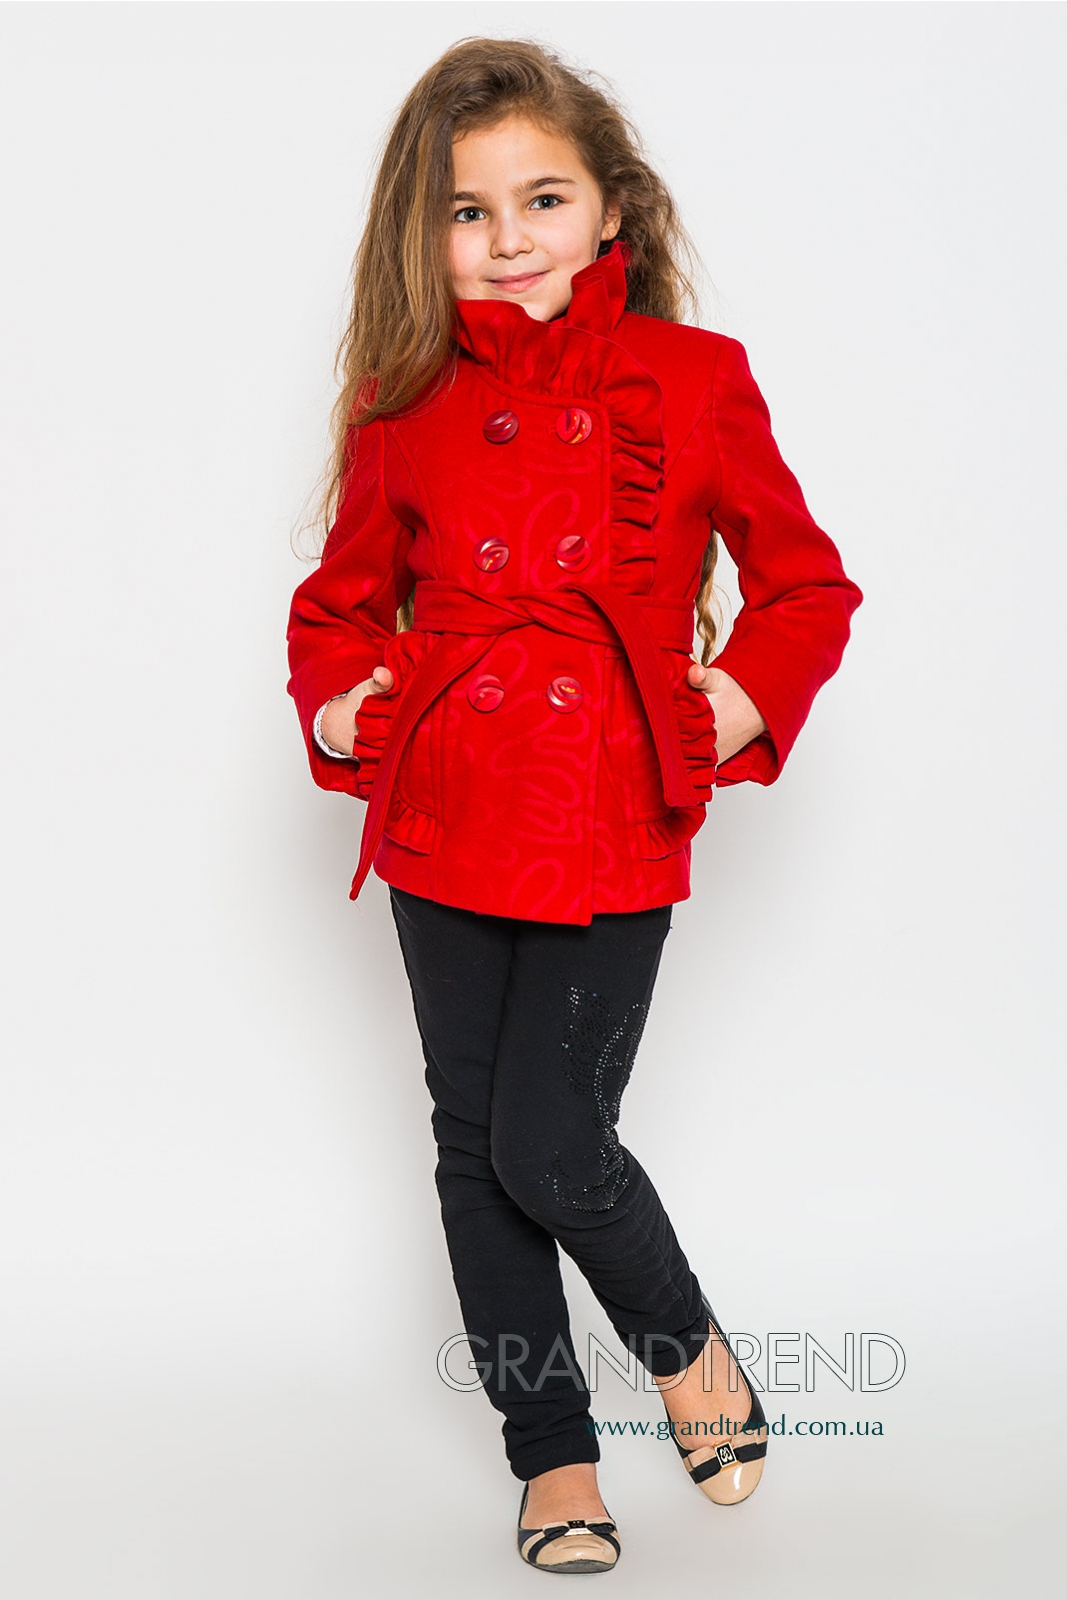 Сбор заказов.Яркая детская одежда для детей.Пальто,куртки,плащи.Большой выбор расцветок.